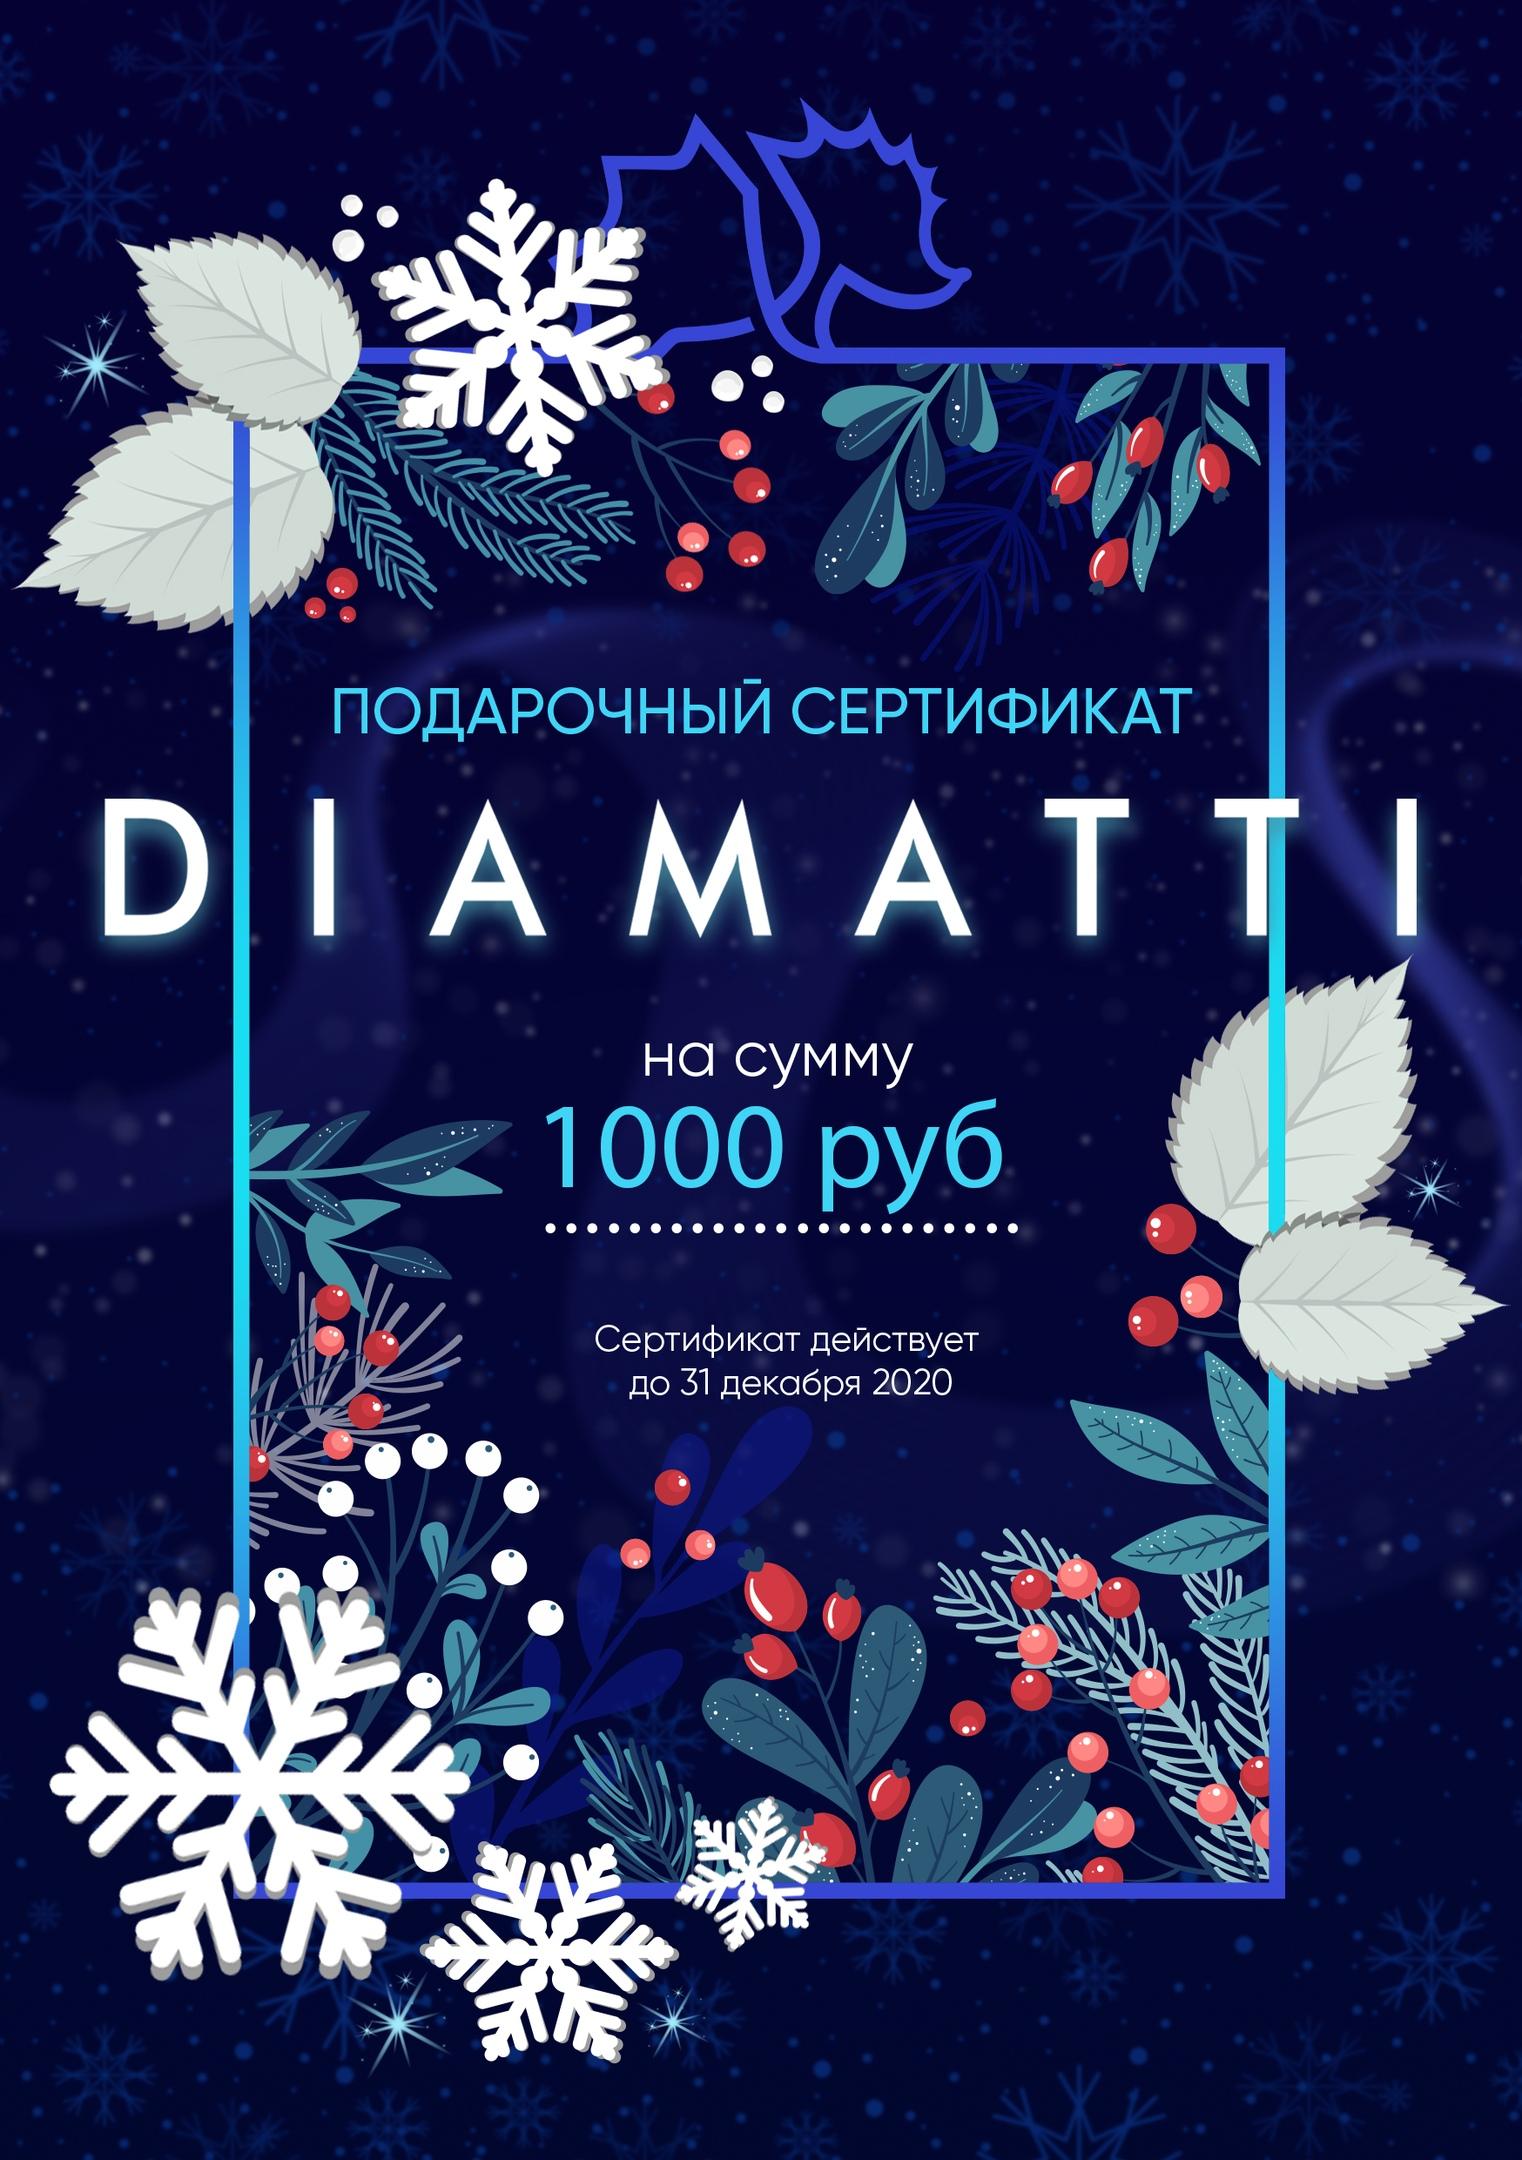 РОЗЫГРЫШ ОТ DIAMATTI  (в нашем Инстаграм-аккаунте)